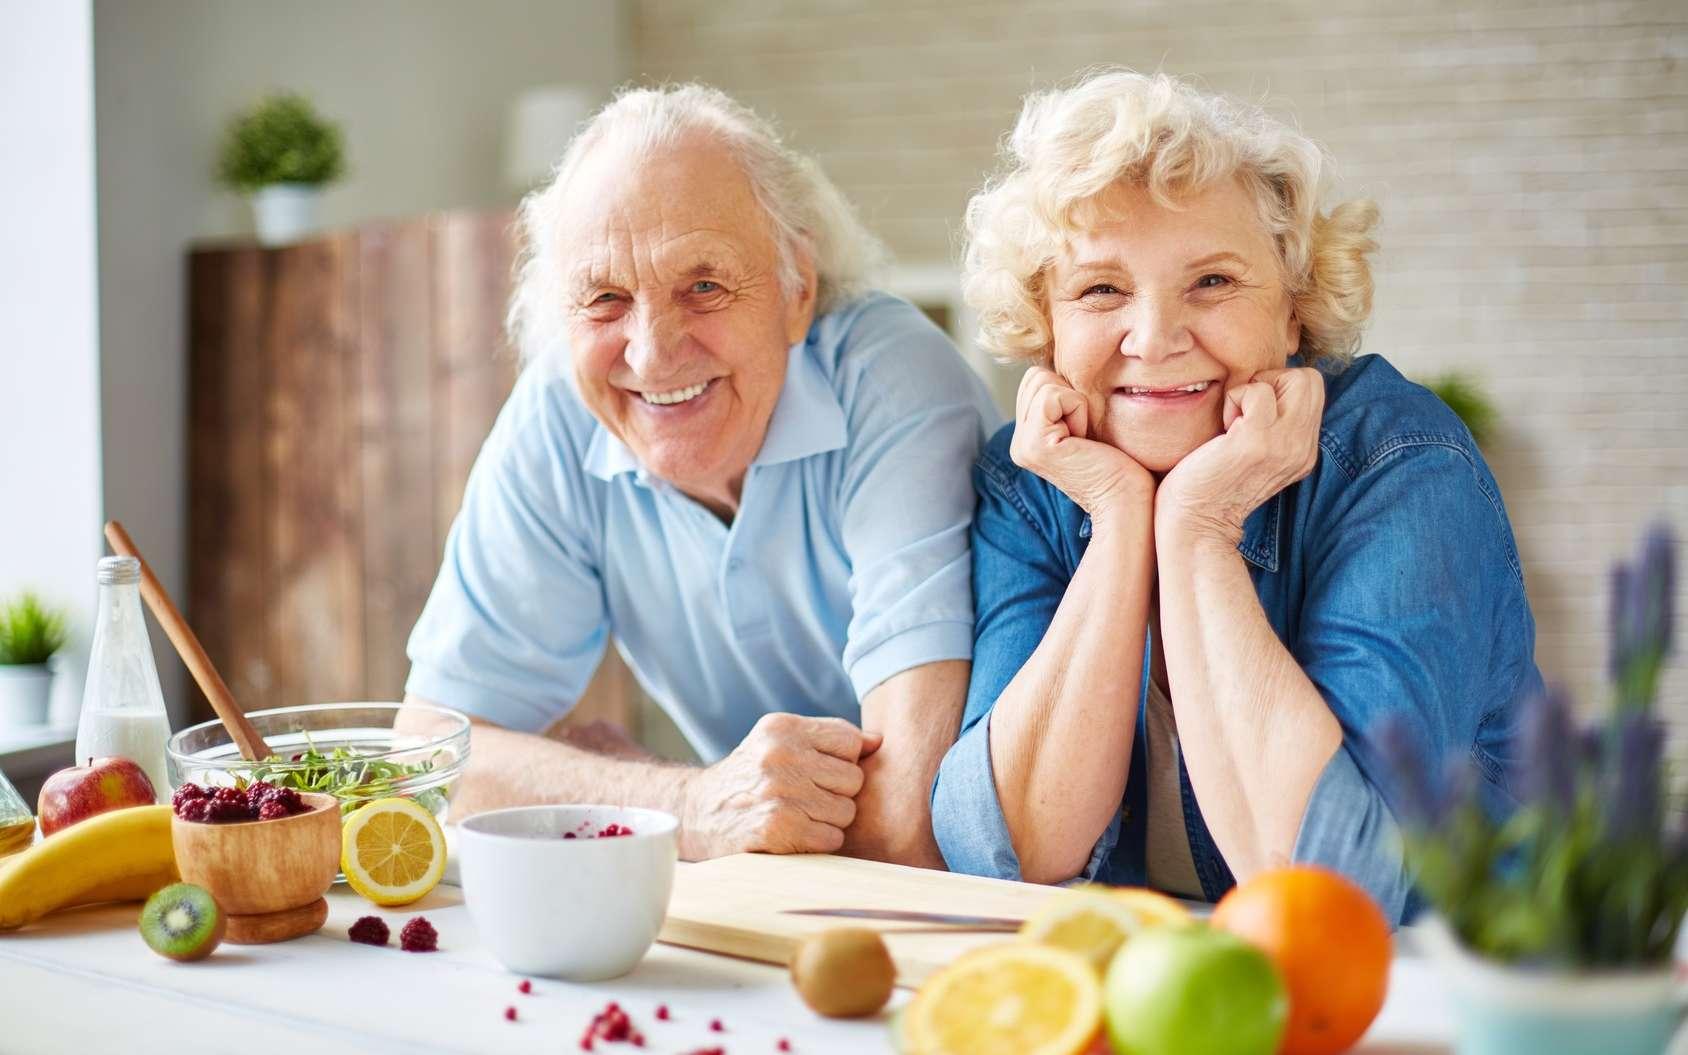 L'incidence de la maladie d'Alzheimer et des autres démences semble en baisse. © pressmaster, Fotolia